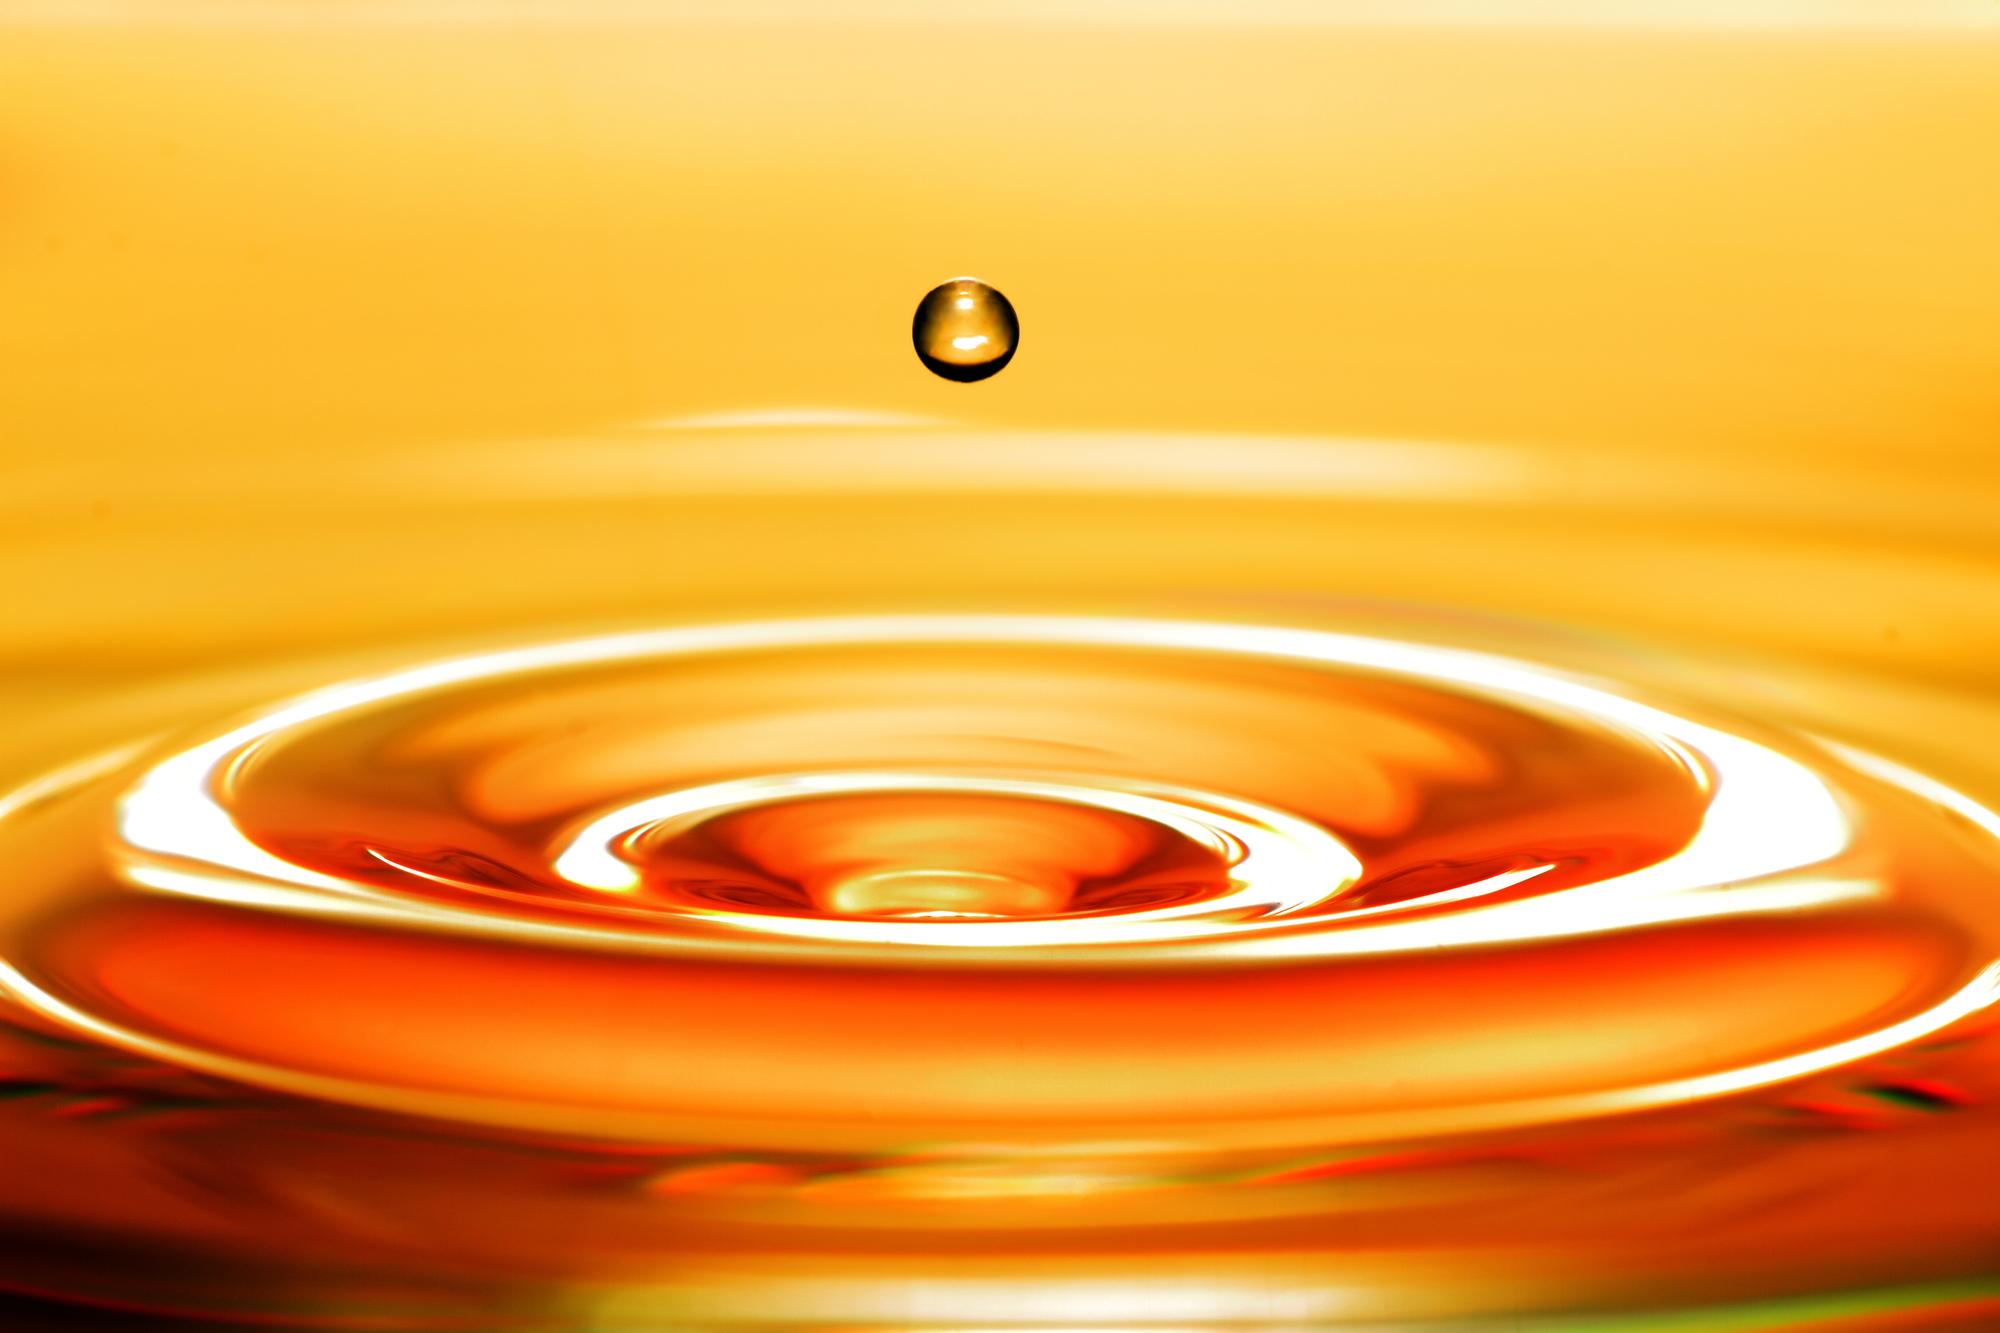 古い思考を解き放て!この地上で「魂の体験」が目覚めとなるために。